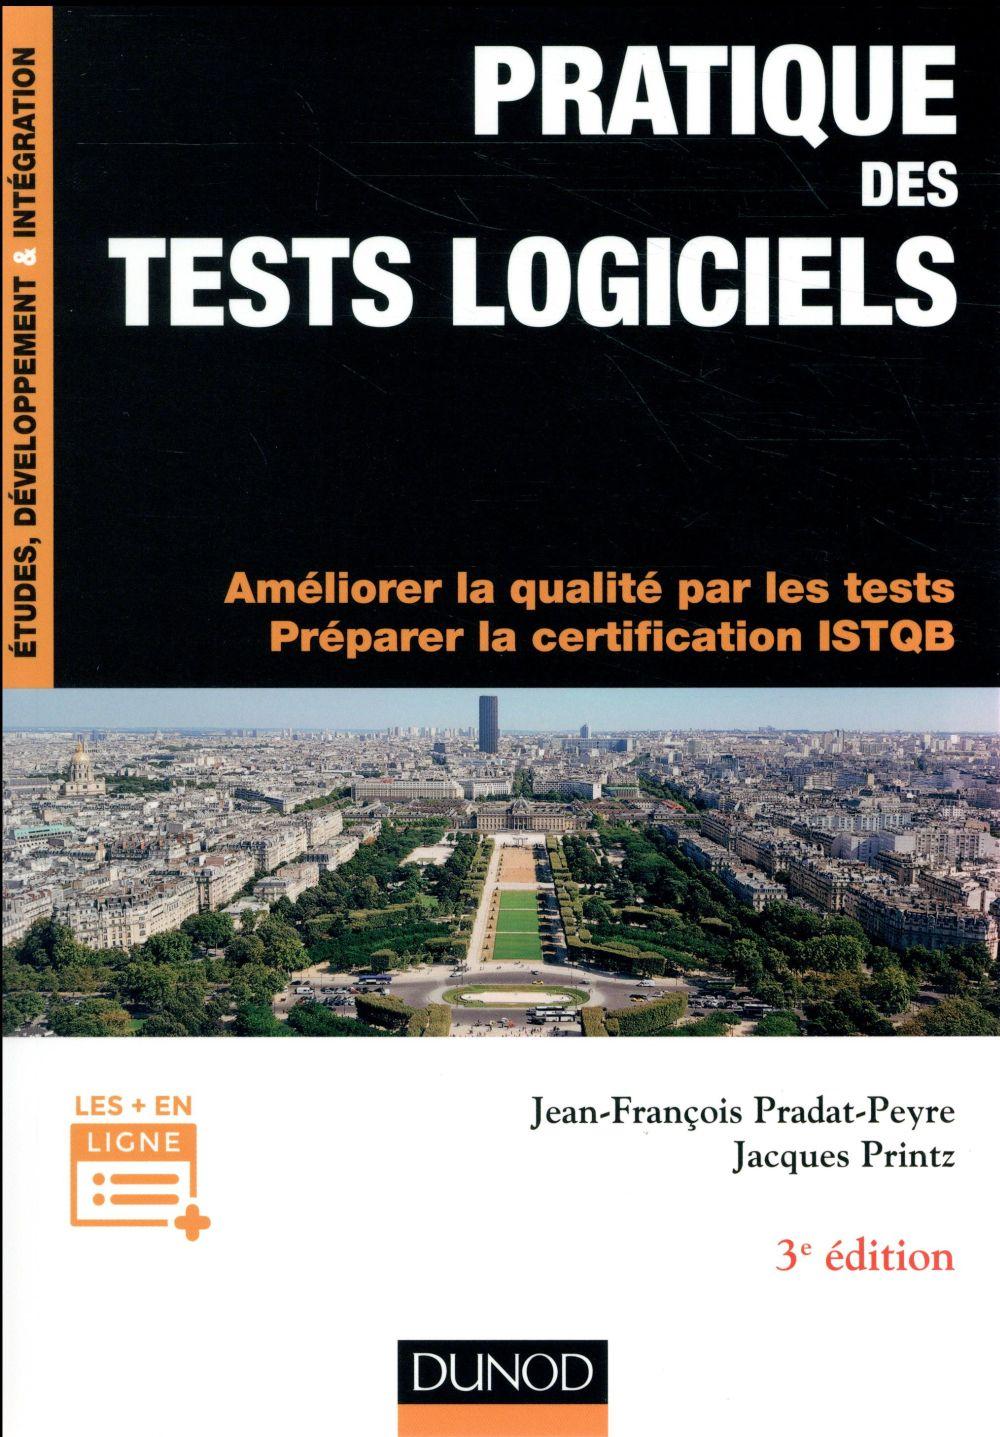 Pratique des tests logiciels ; concevoir et mettre en oeuvre une stratégie de tests (3e édition)